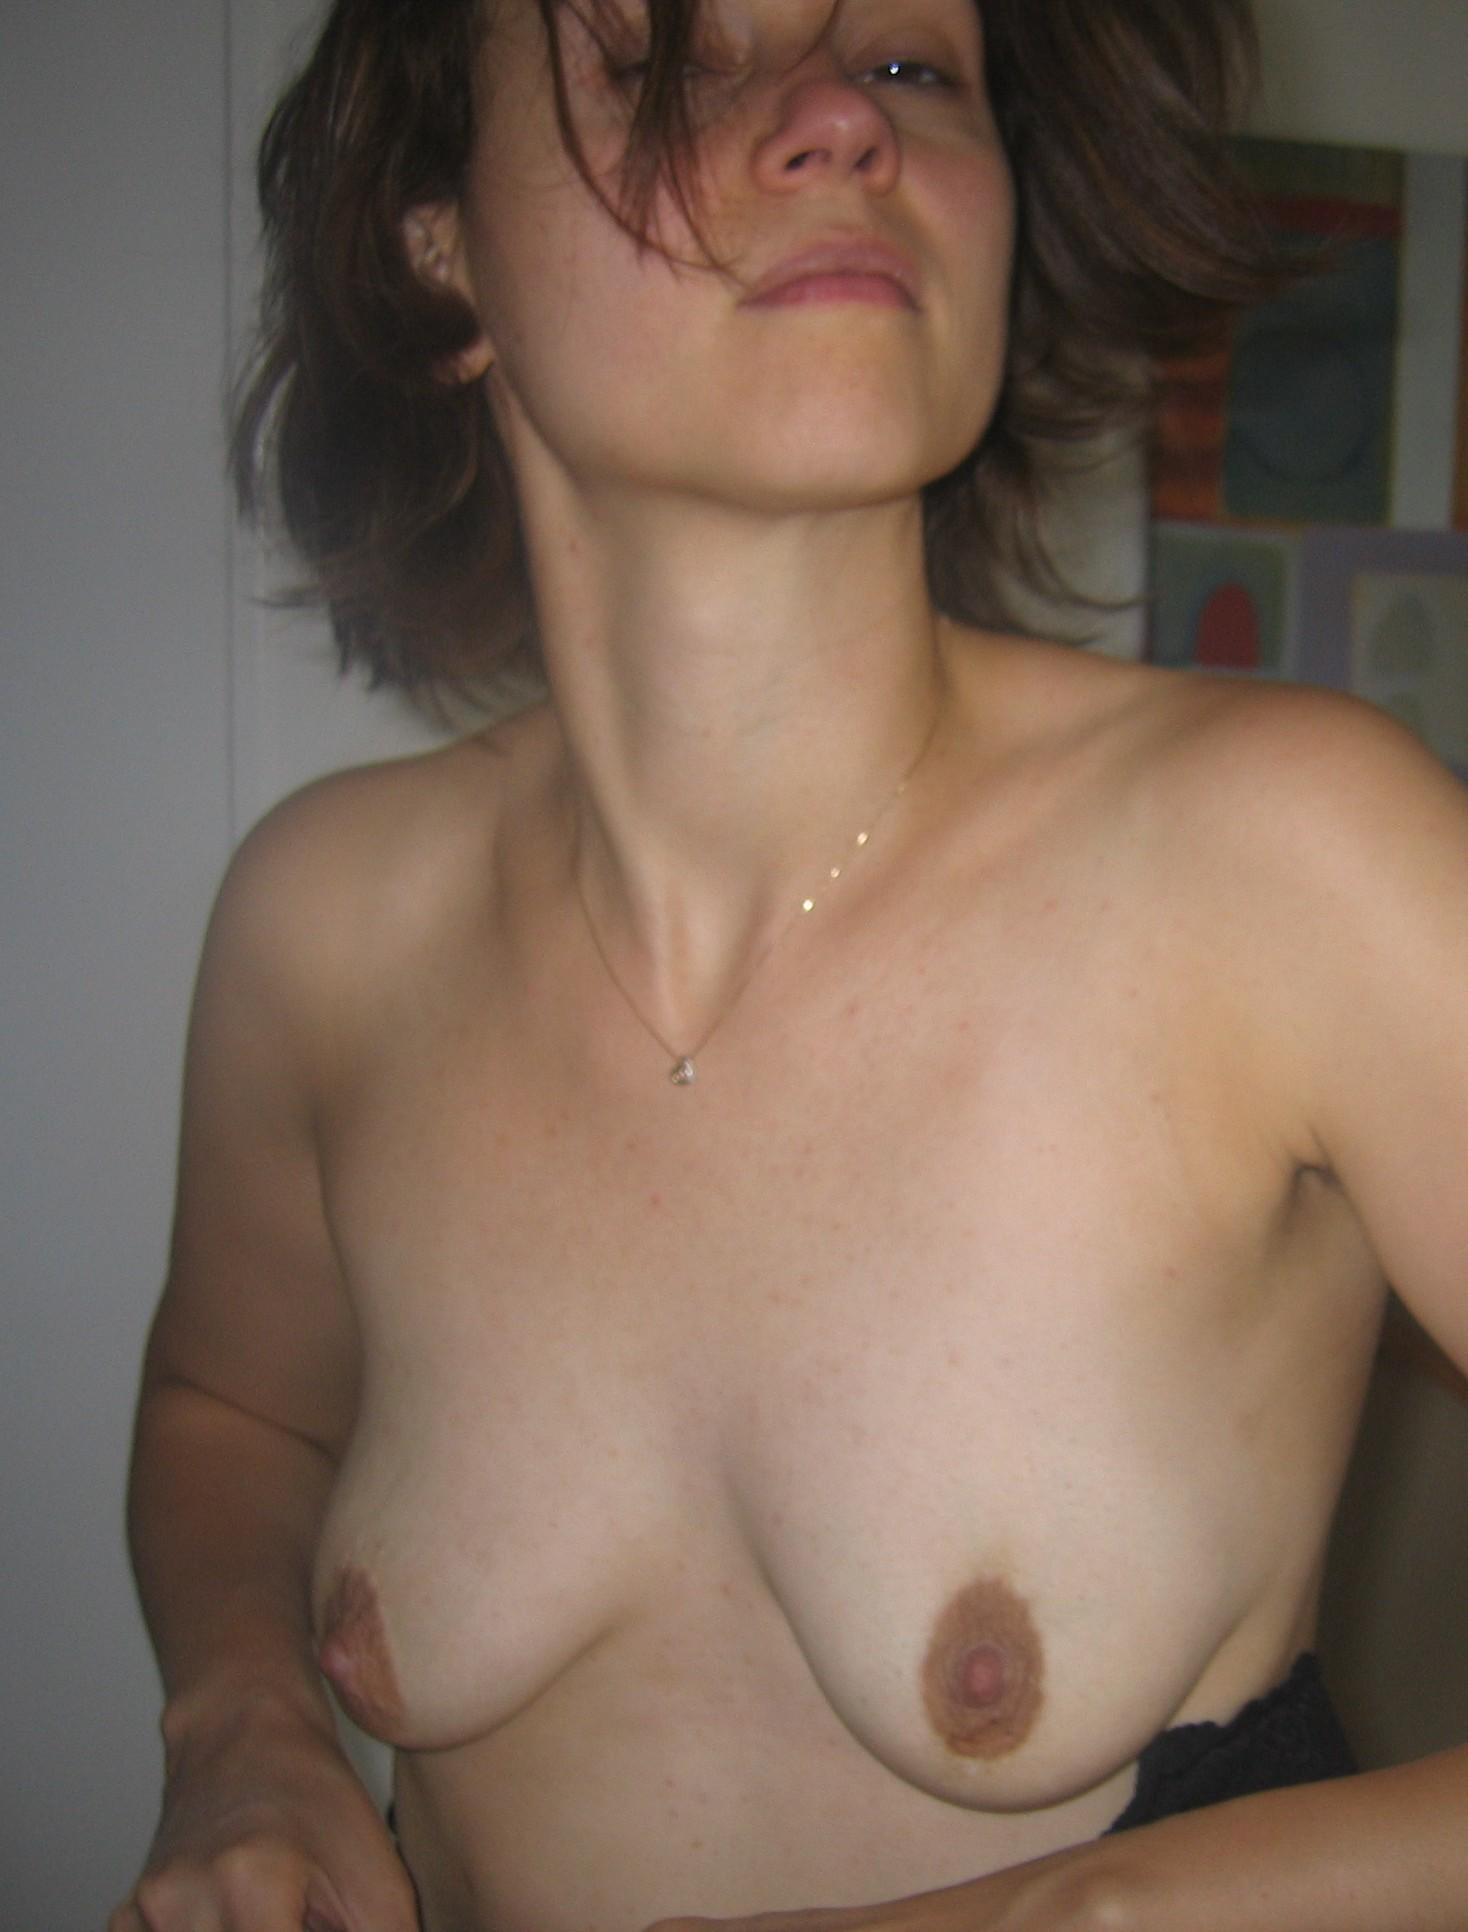 Девка показывает лохматую вагину отодвинув бикини